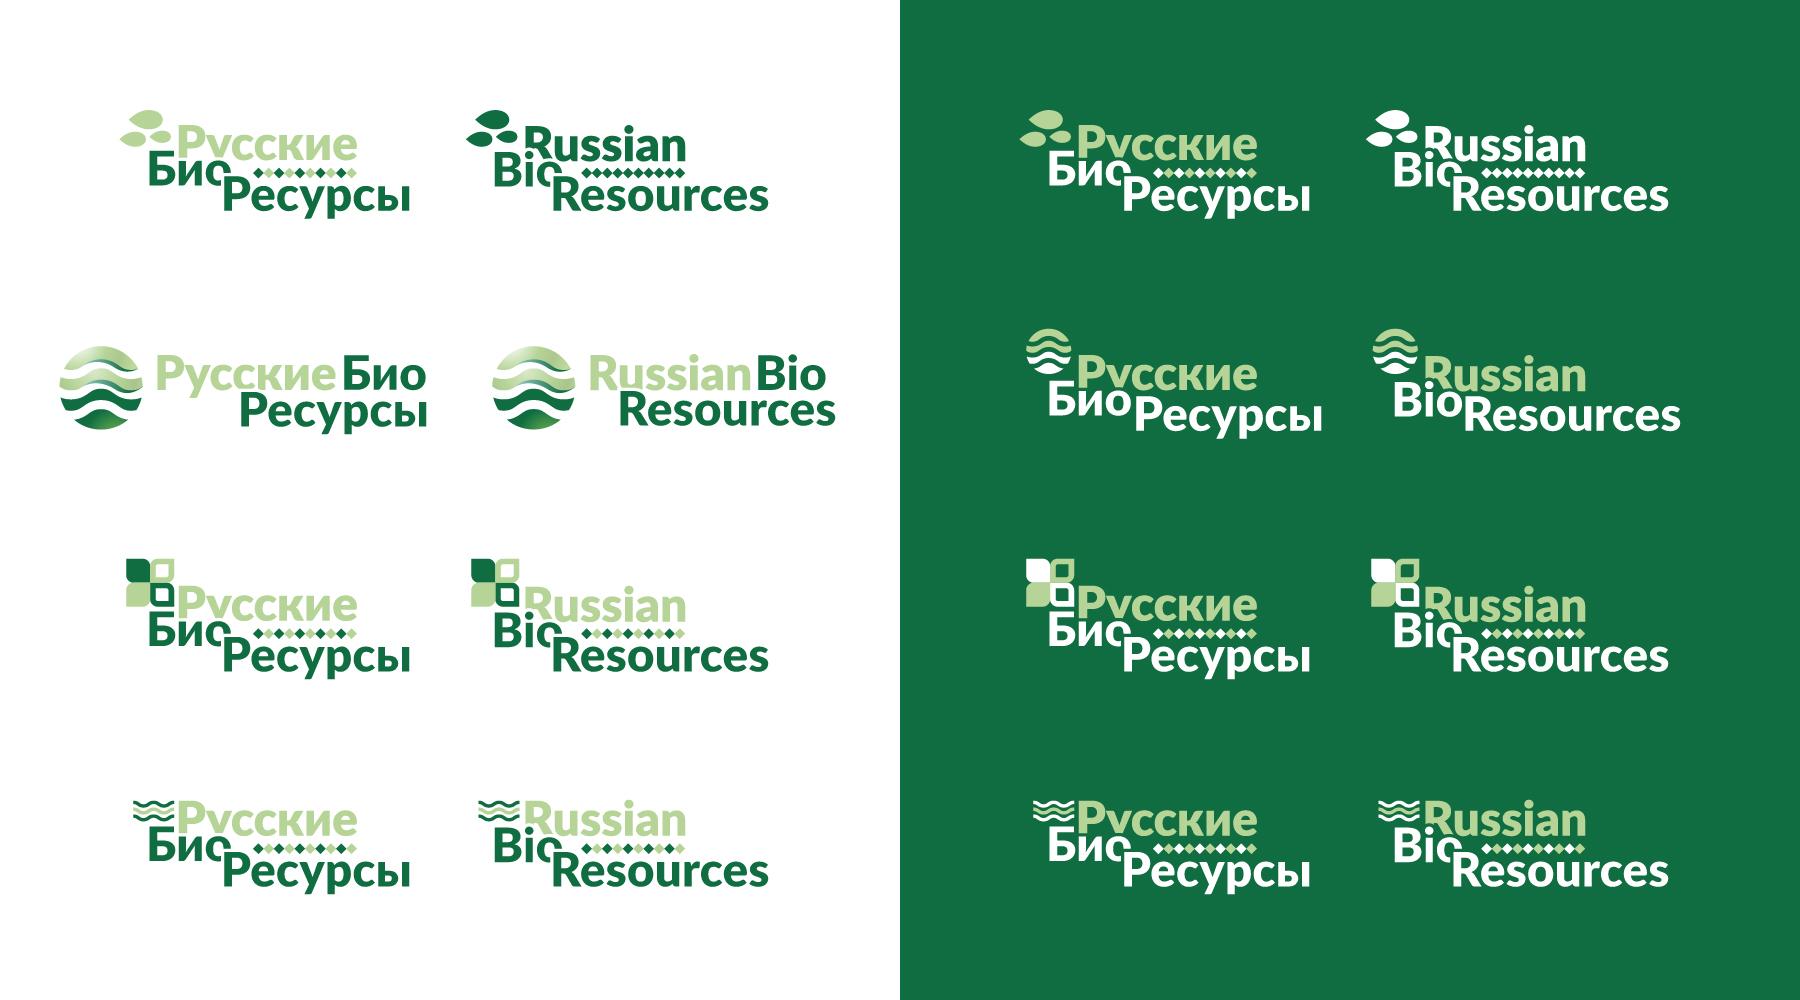 Разработка логотипа для компании «Русские Био Ресурсы» фото f_30558f0dccebda7b.jpg